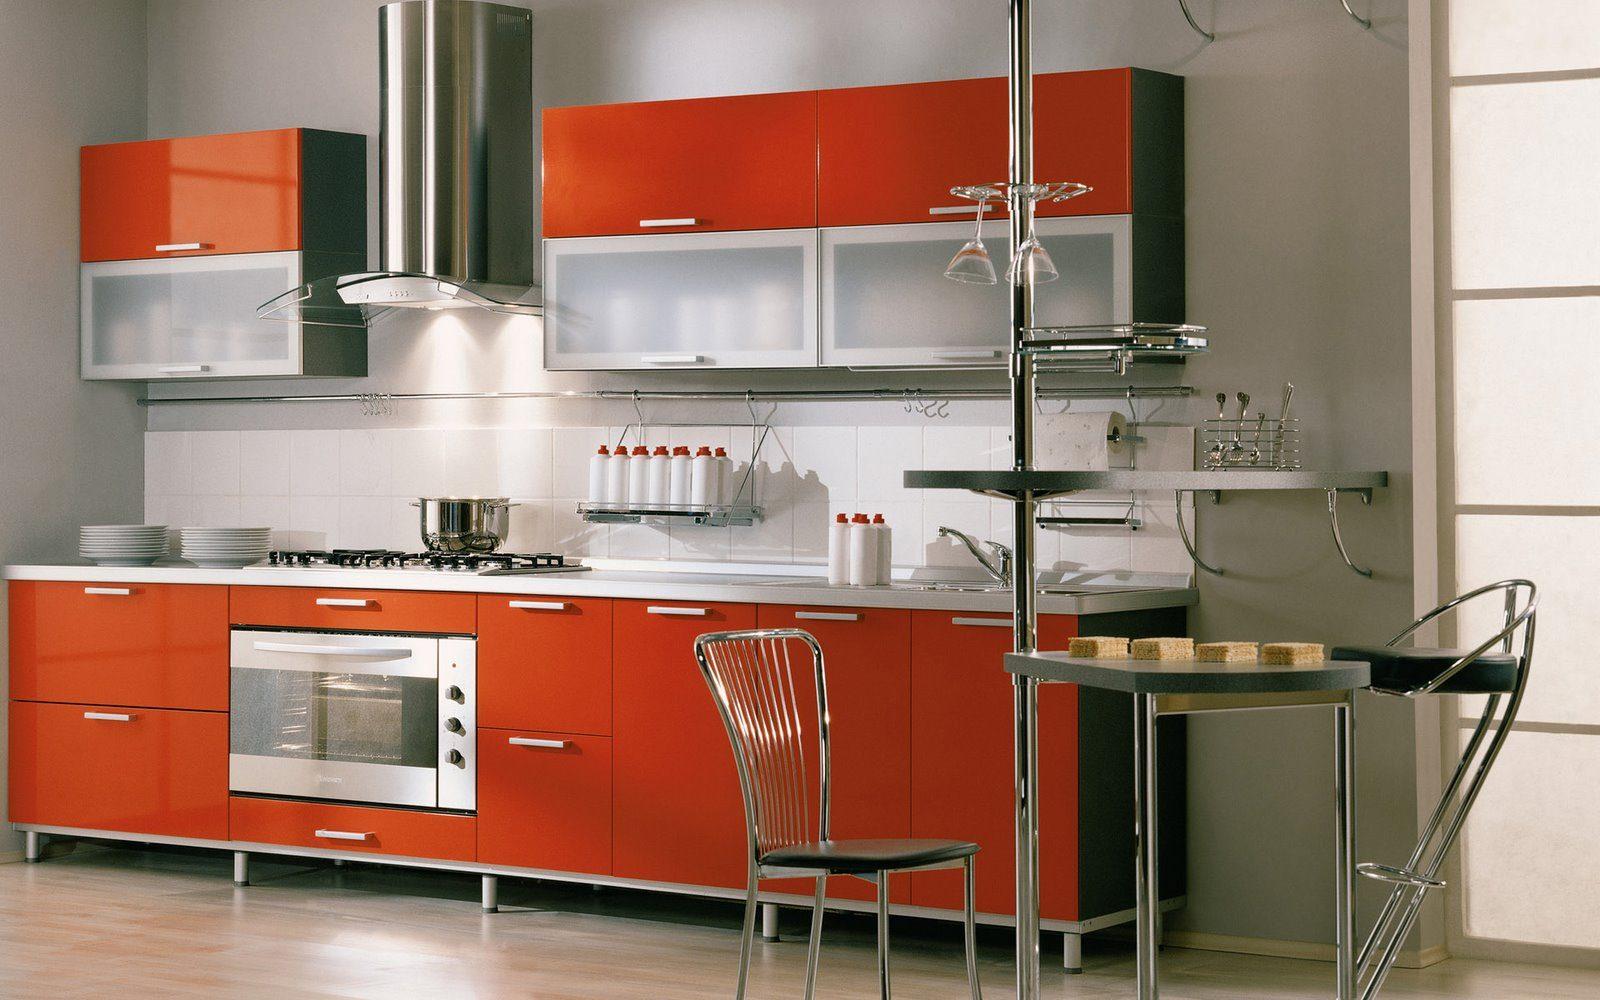 La Cocina Moderna | Cocina Moderna De Tonos Naranjas Imagenes Y Fotos